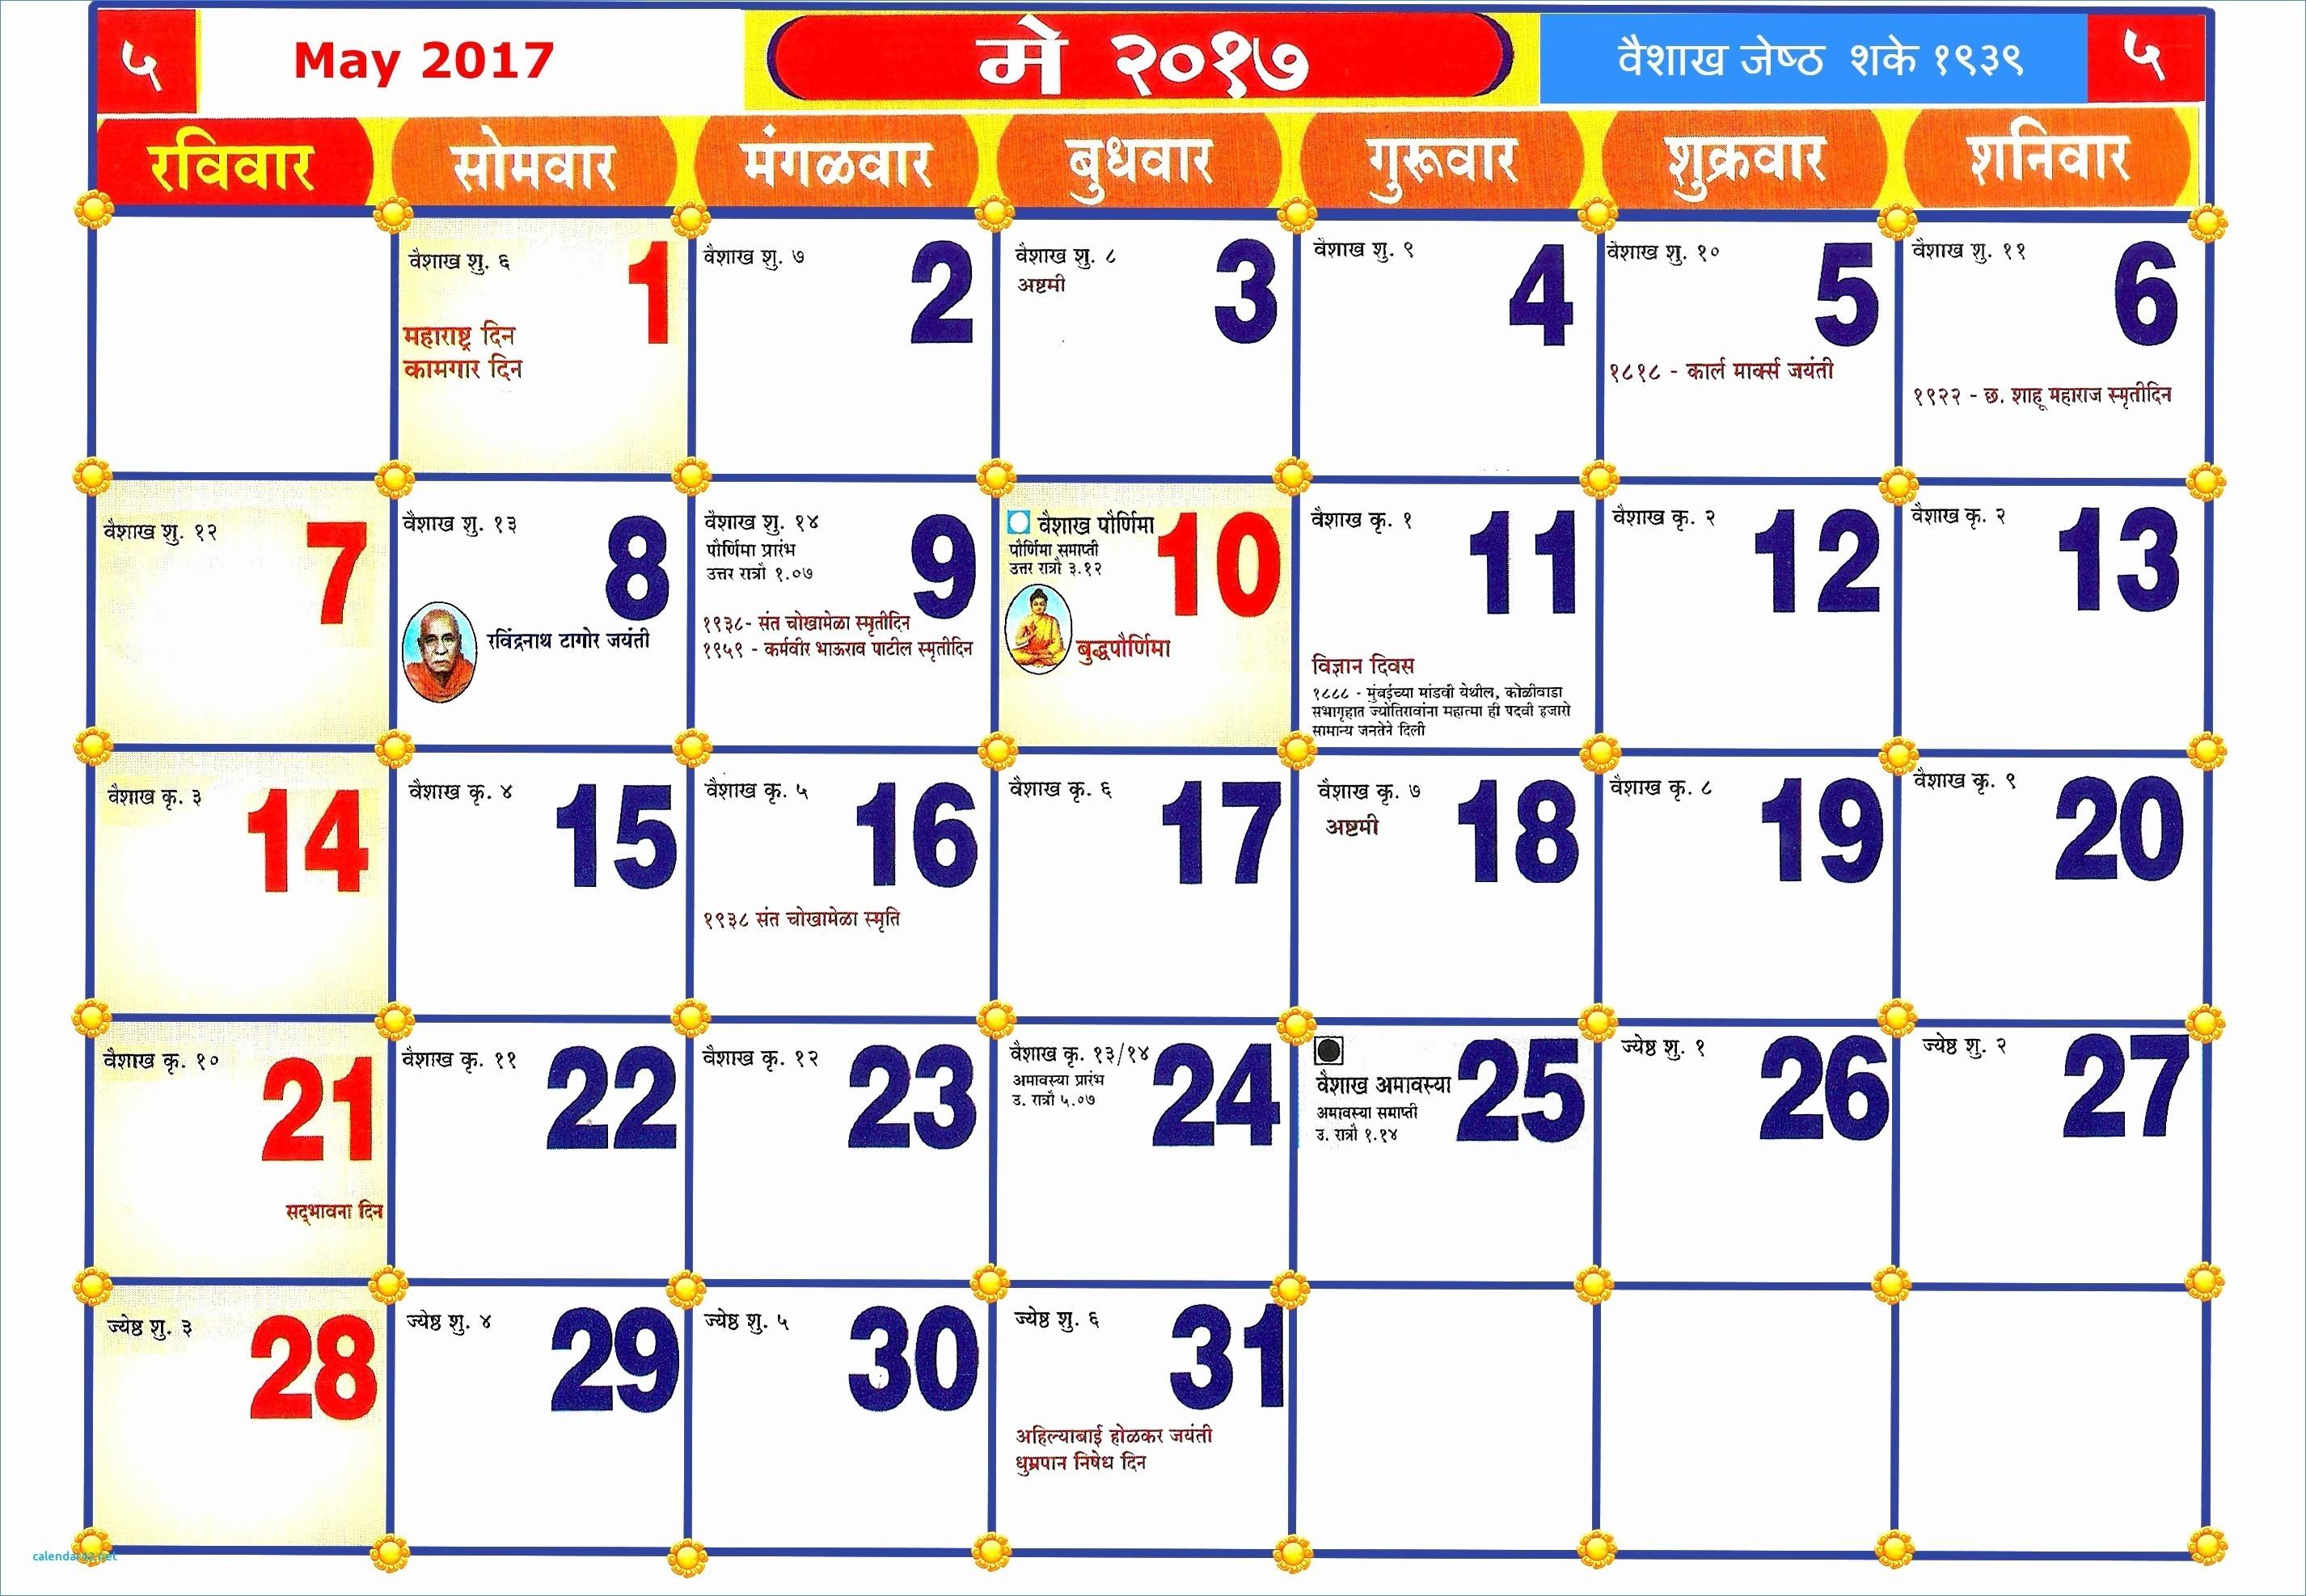 Calendario Enero 2019 Para Imprimir A4 Más Recientes Verificar Kalender 2019 Pdf Din A3 Calendario 2019 Of Calendario Enero 2019 Para Imprimir A4 Más Actual Calendario De Mesa 2016 Prar Takvim Kalender Hd